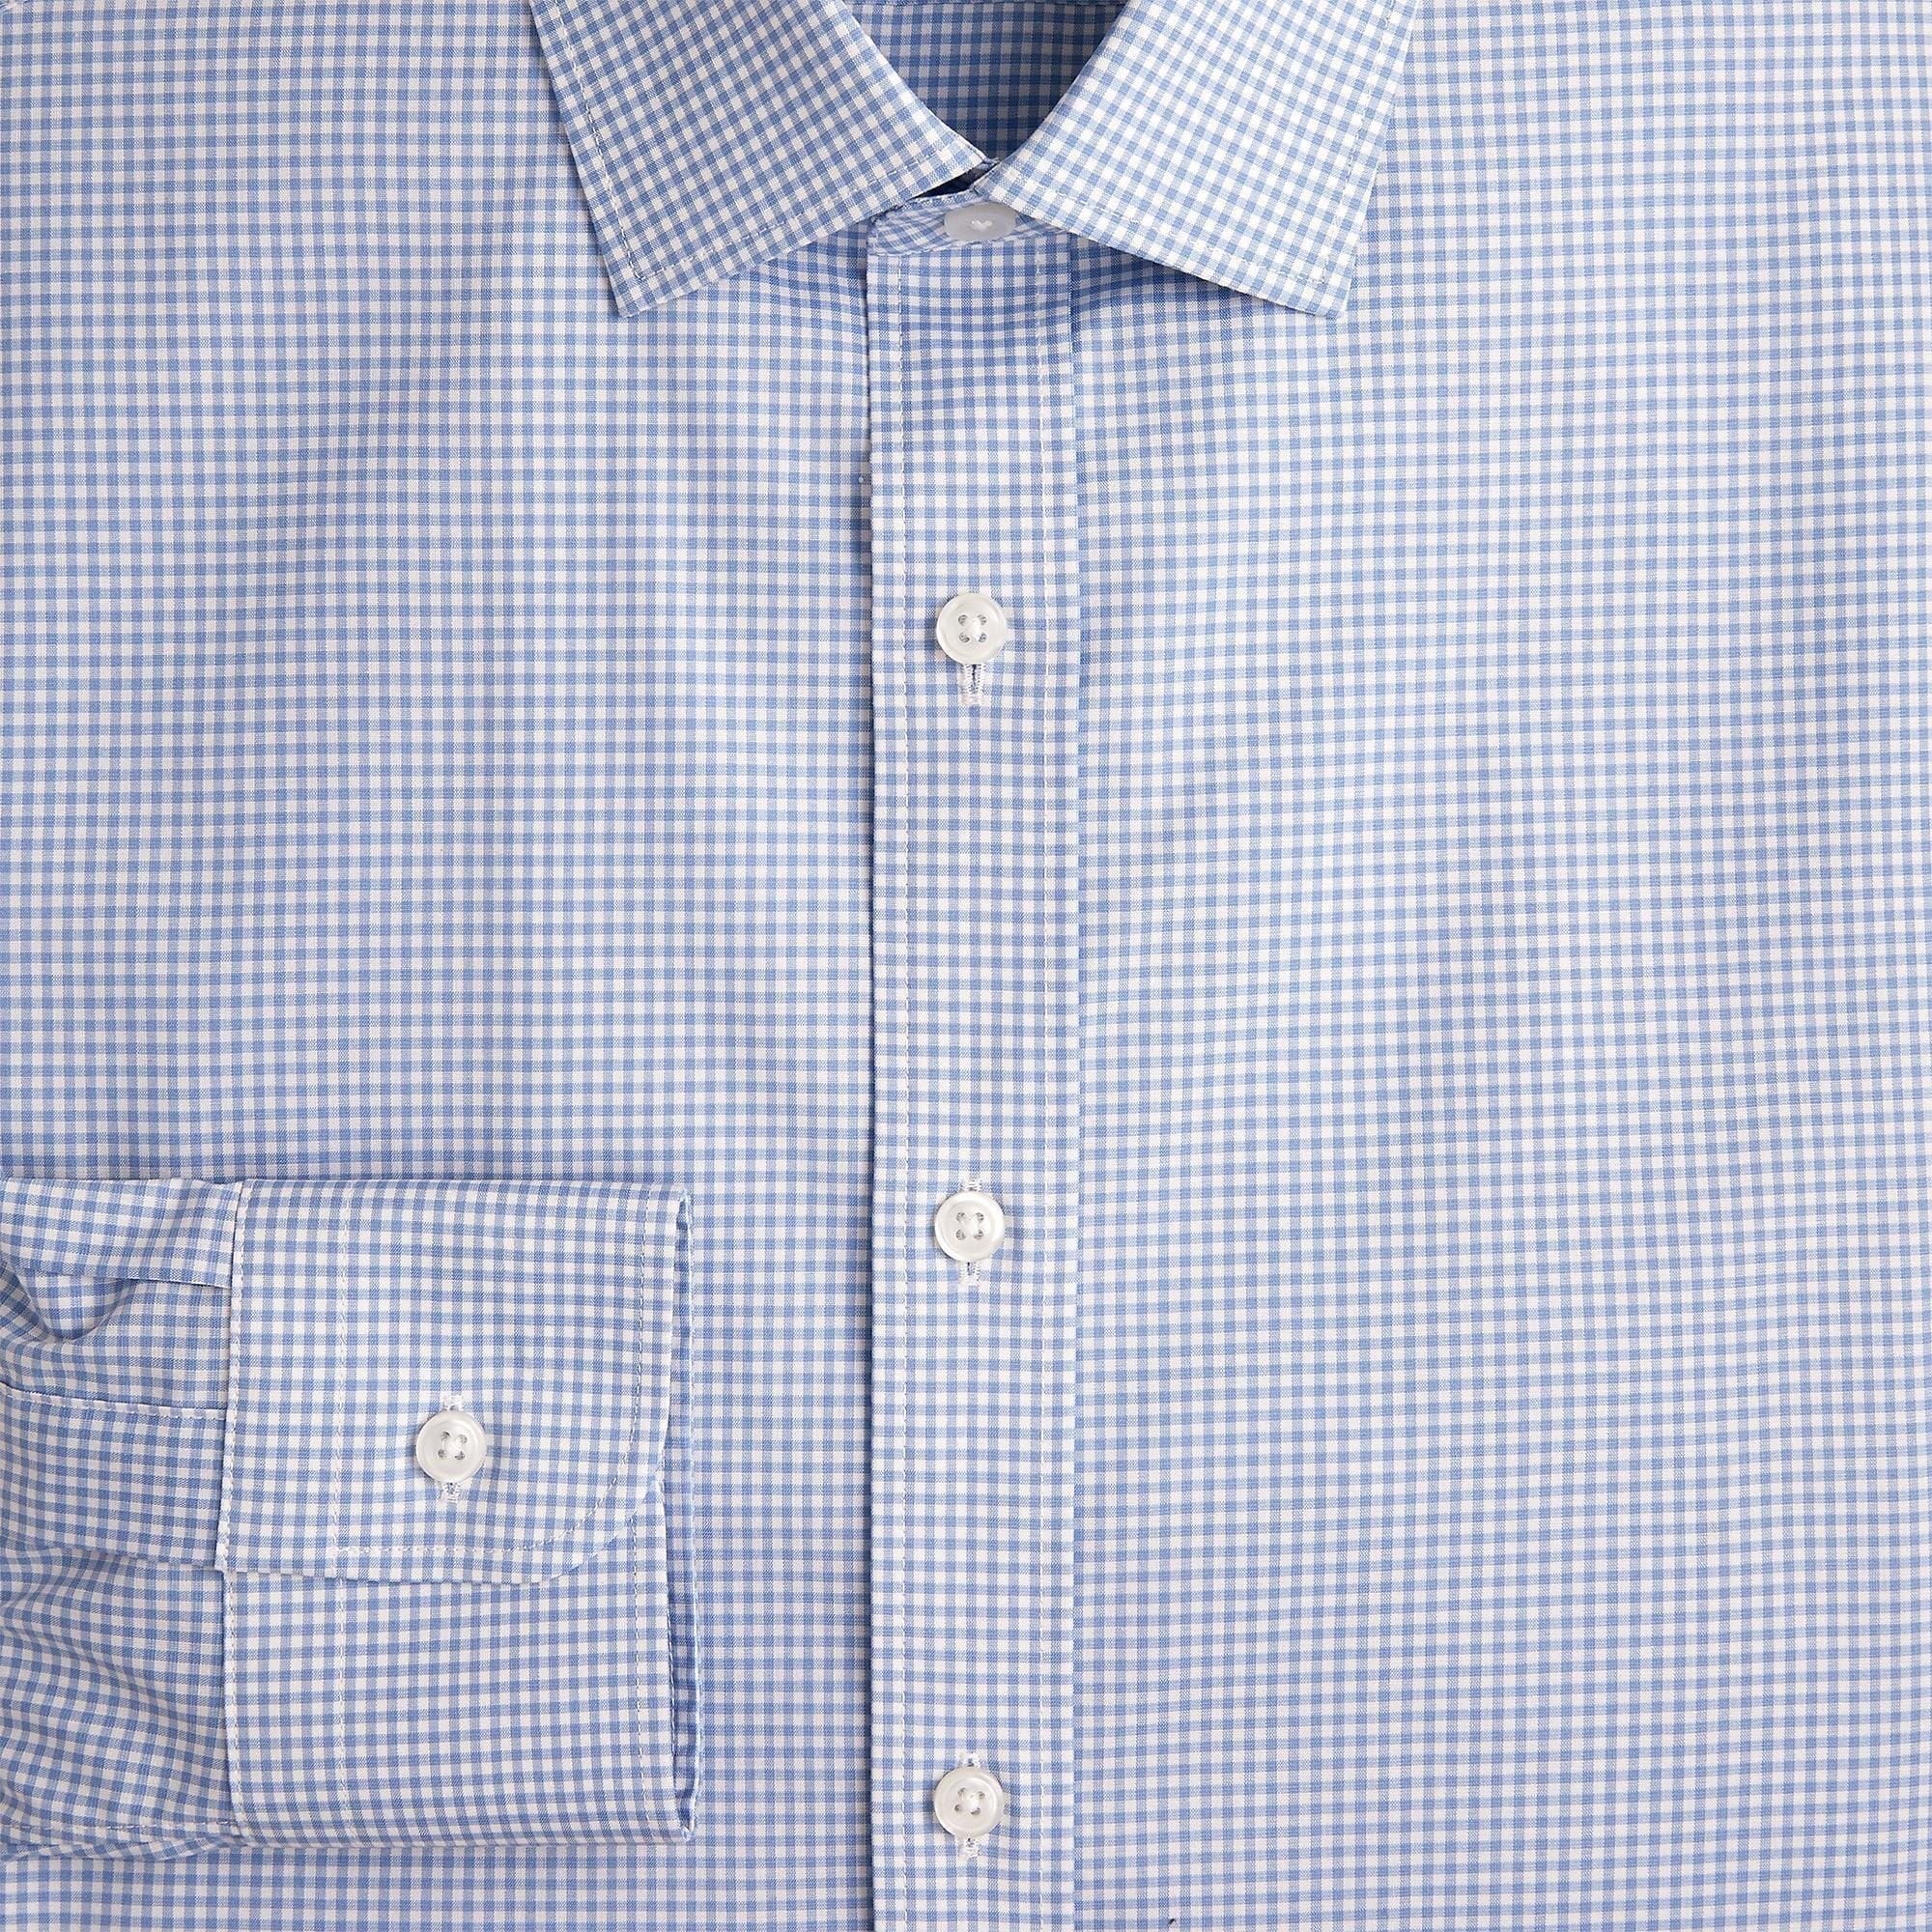 e736e91a16c0 J.Crew. Men's Blue Slim Ludlow Stretch Two-ply Easy-care Cotton Dress Shirt  ...